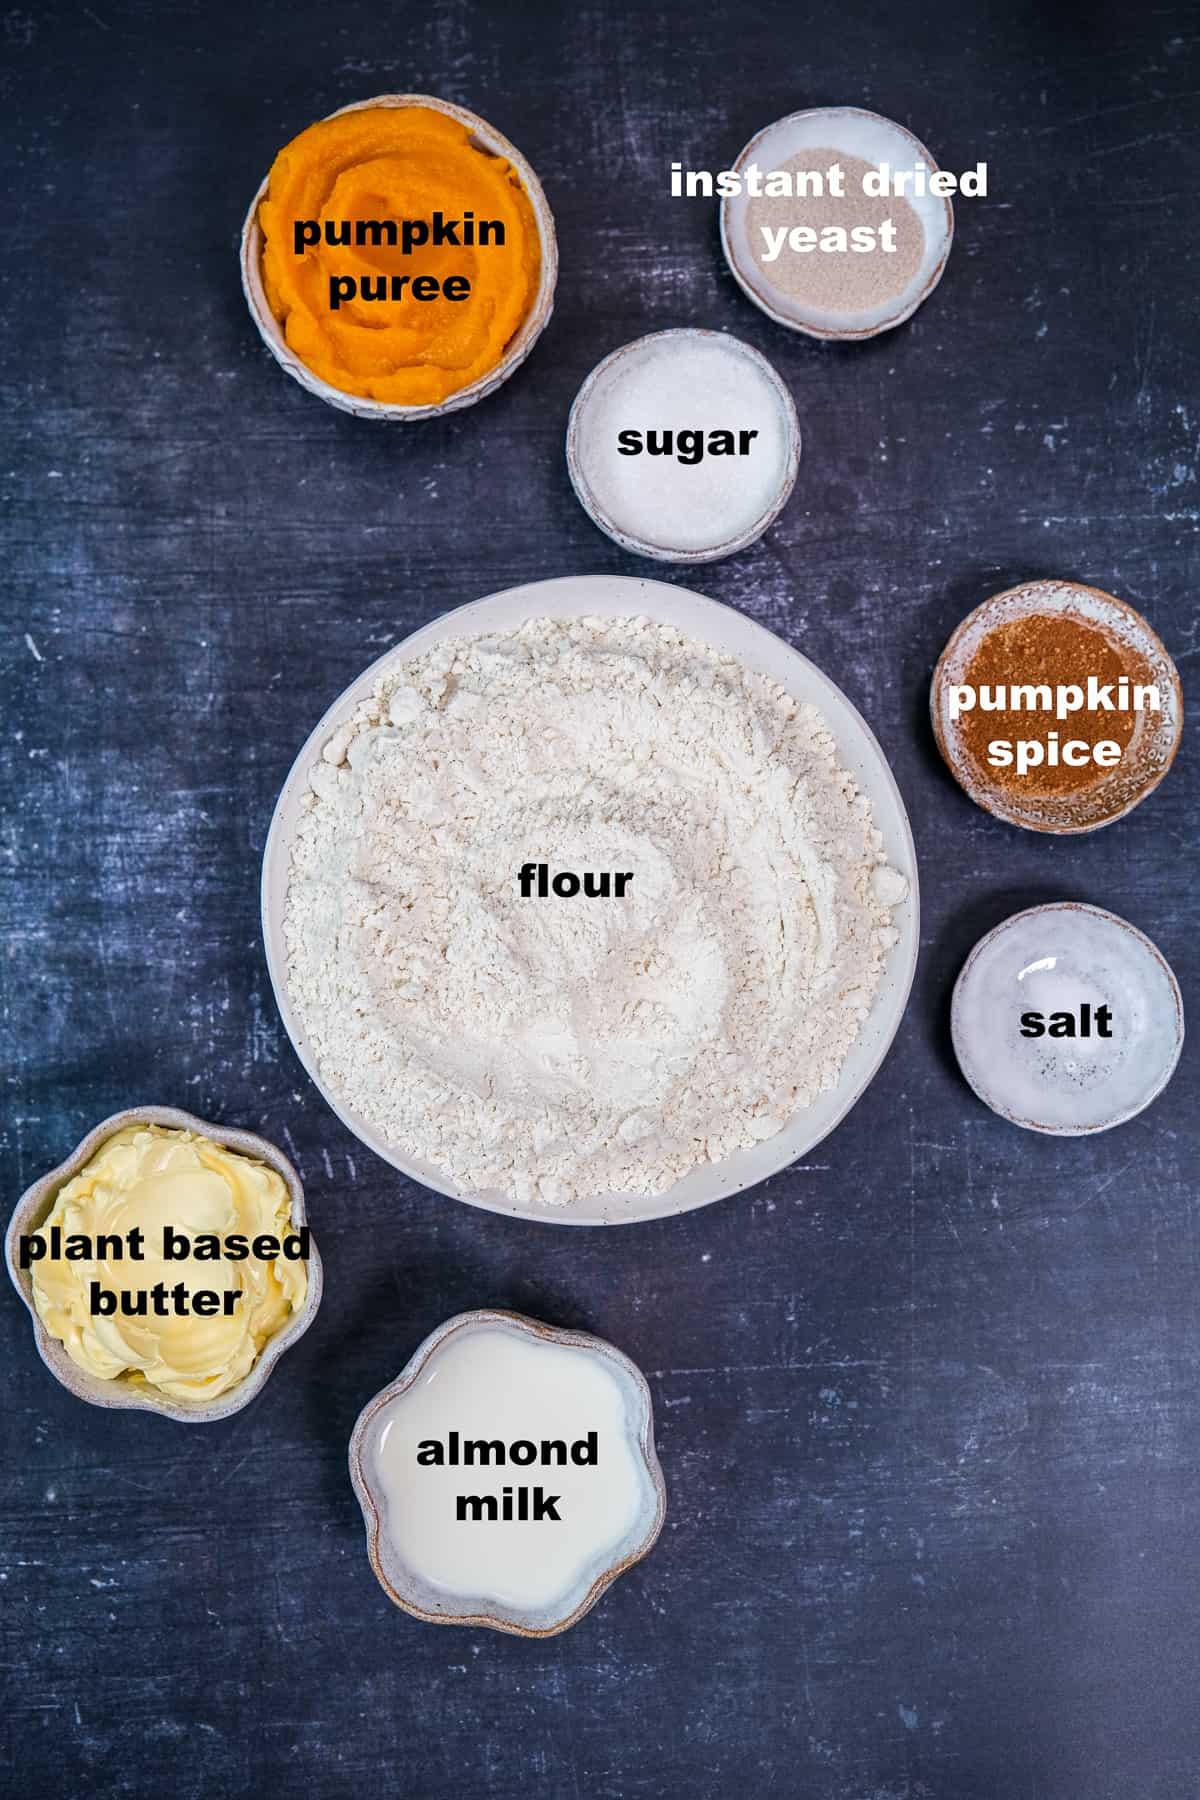 Flour, pumpkin puree, vegan butter, pumpkin pie spice, almond milk, sugar and instant yeast all in separate bowls on a dark background.